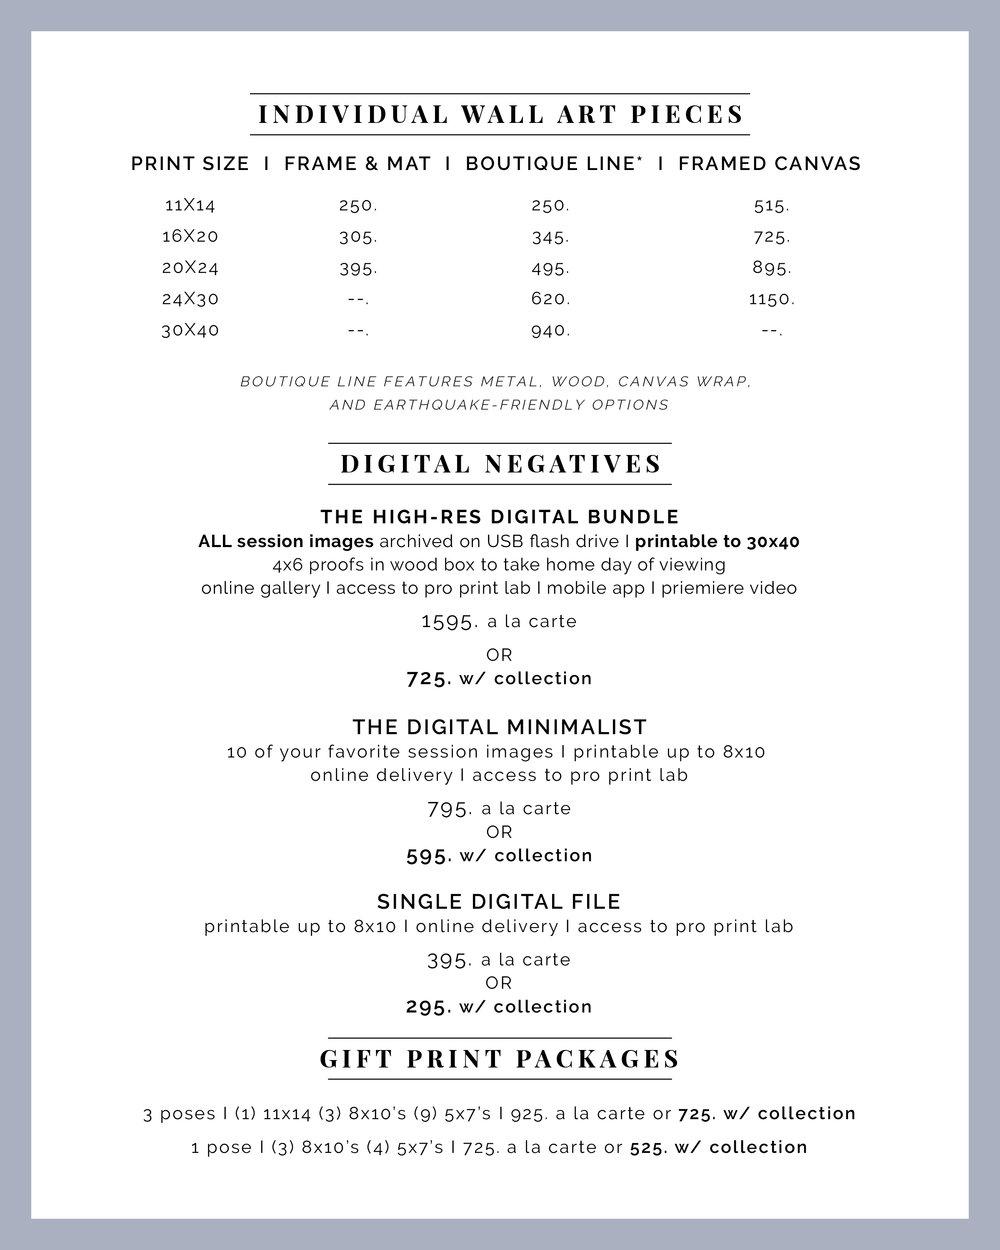 10.13.17 SKY9 Pricing Menu Pg 2.jpg